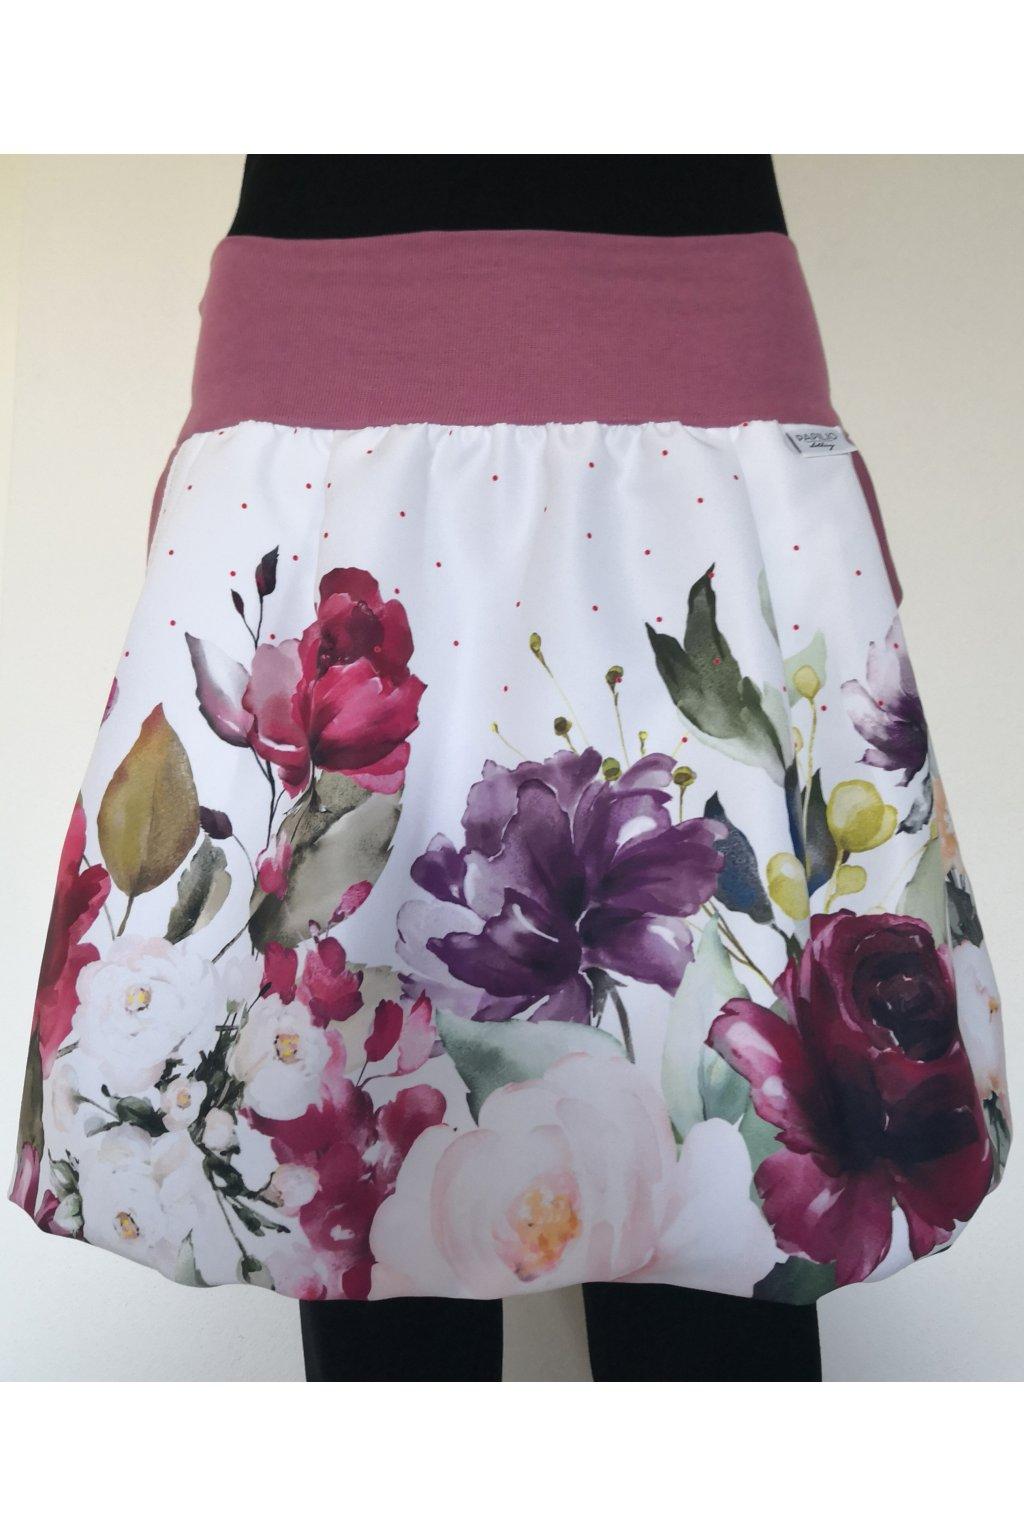 balonova sukne kvetinova papilio clothing (1)